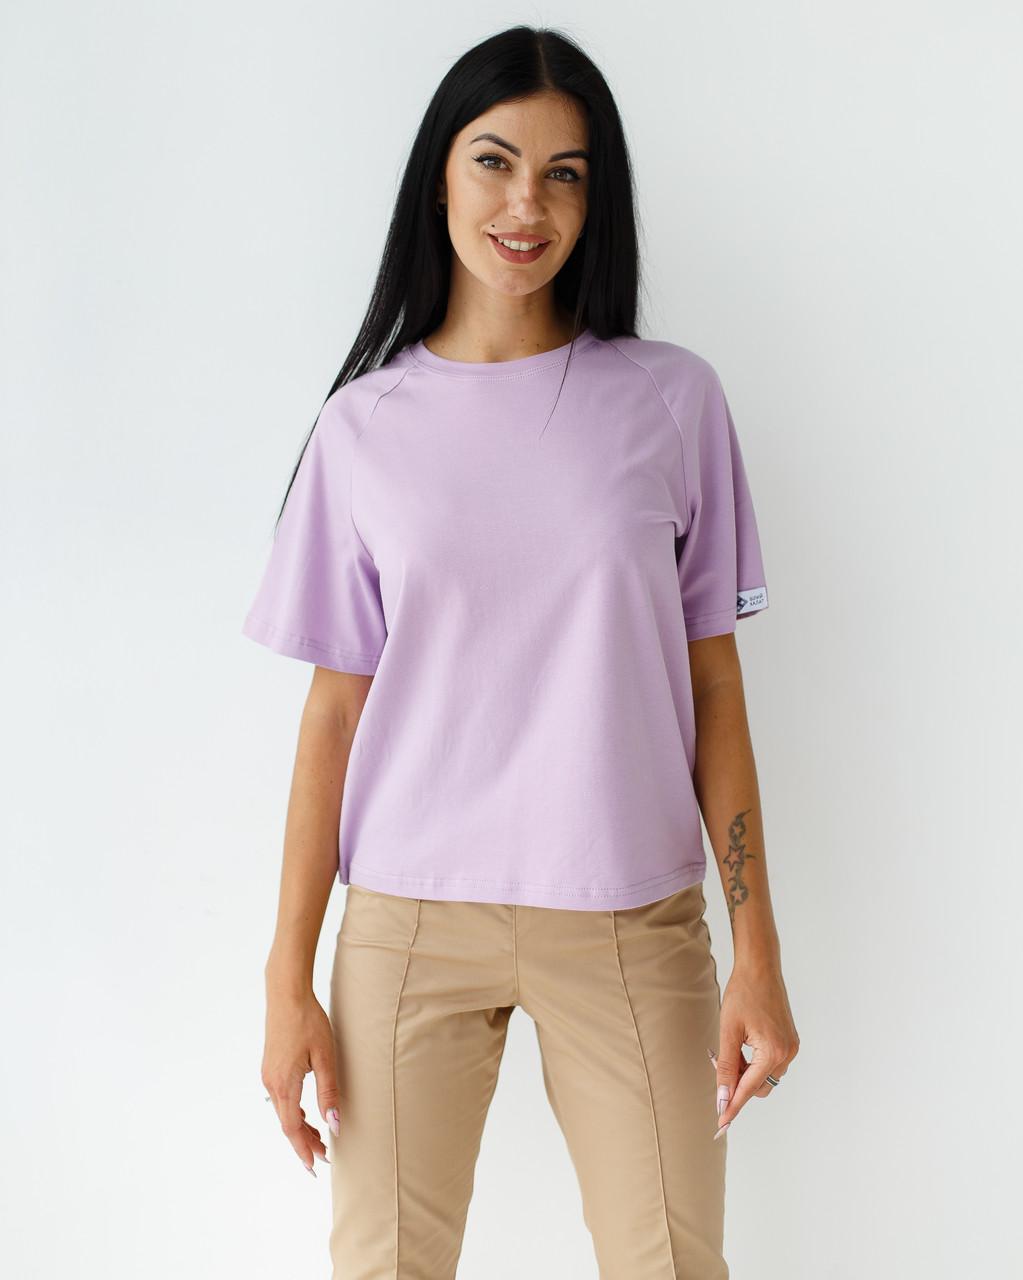 Жіноча медична футболка-реглан, лавандова